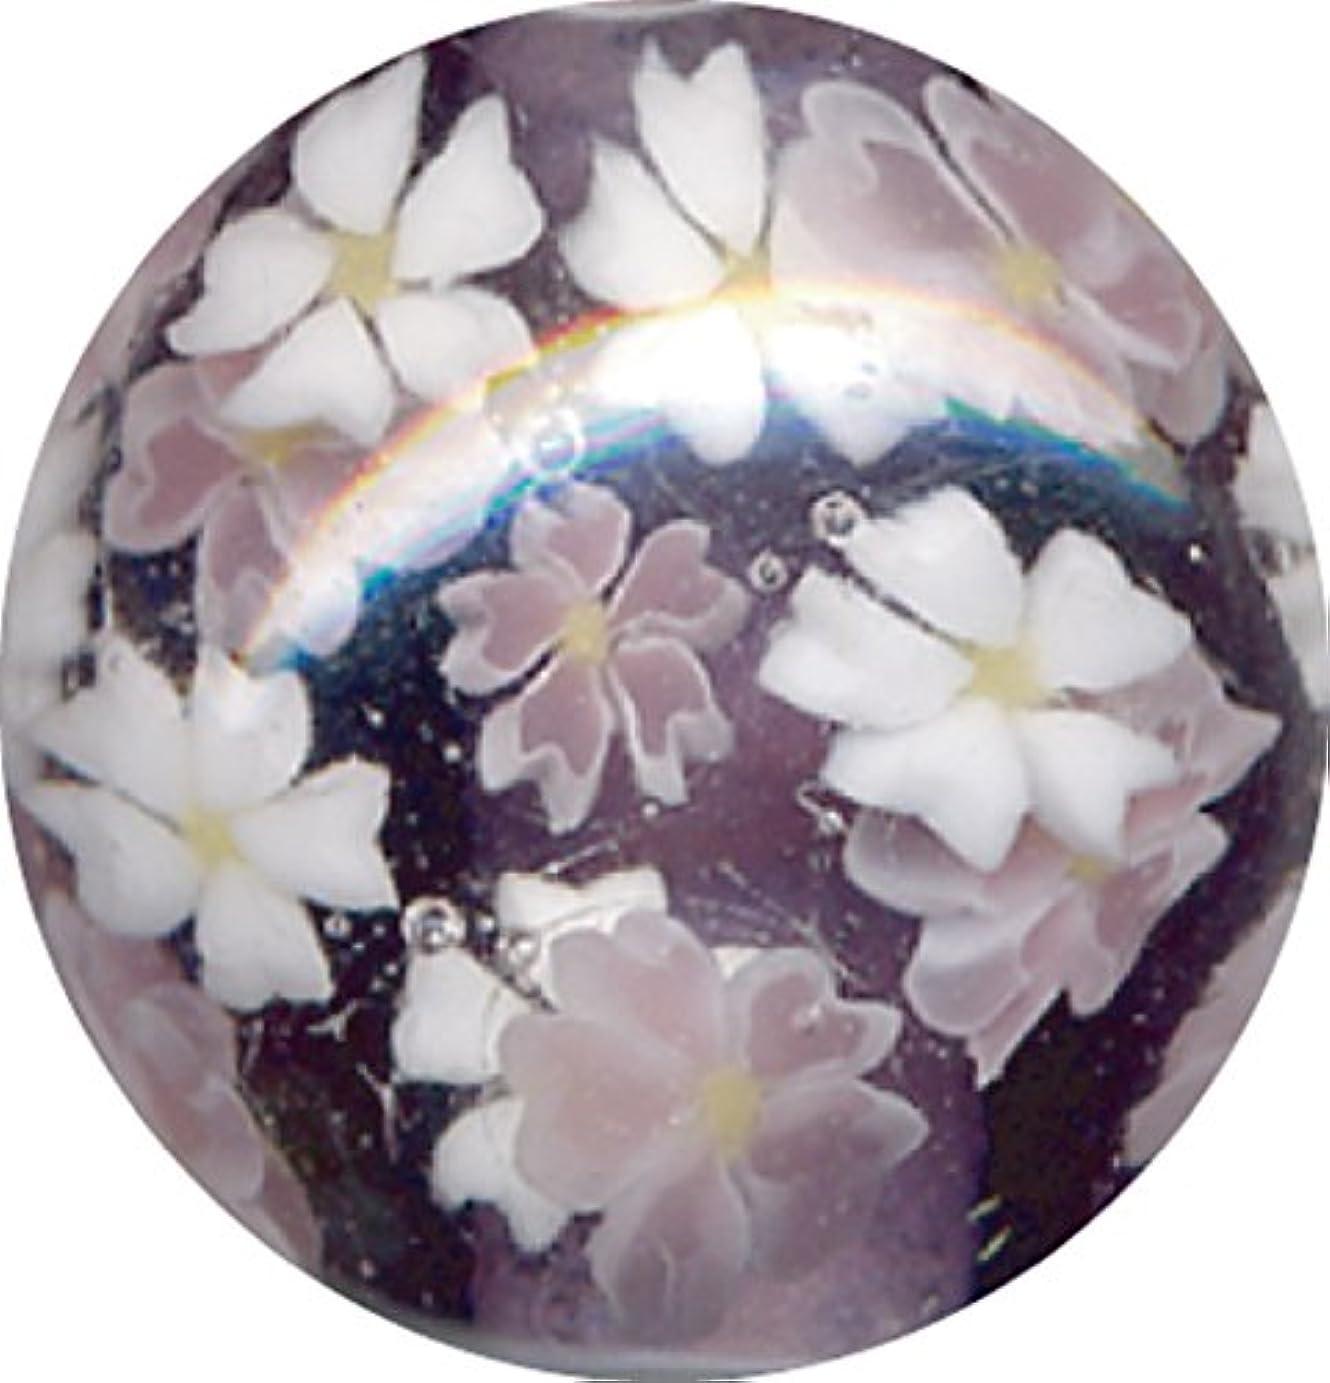 残り縮約連隊とんぼ玉 桜柄 紫